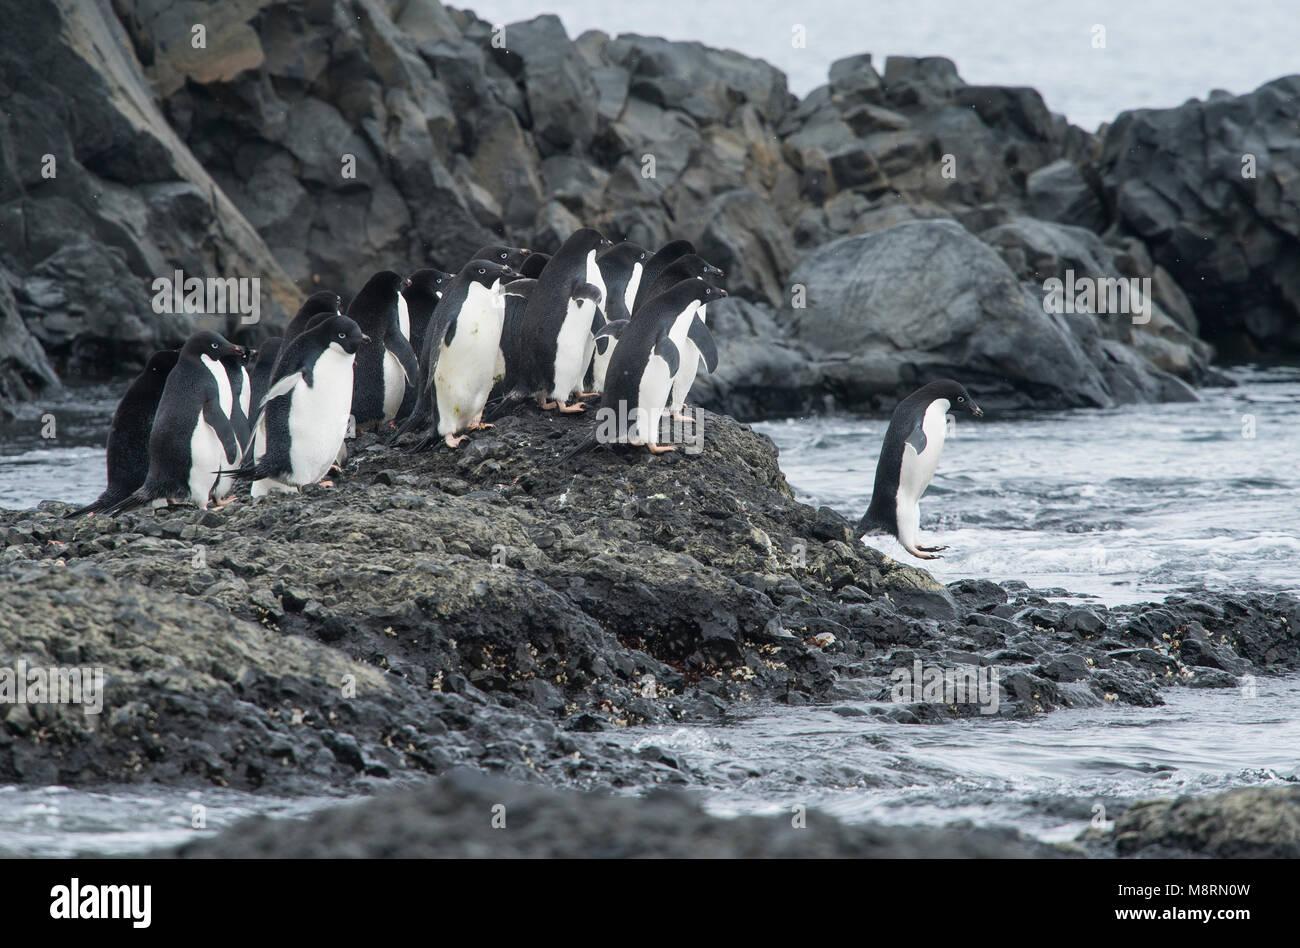 Un groupe de manchots adélies font leur chemin vers l'océan à Brown Bluff, l'Antarctique. Banque D'Images